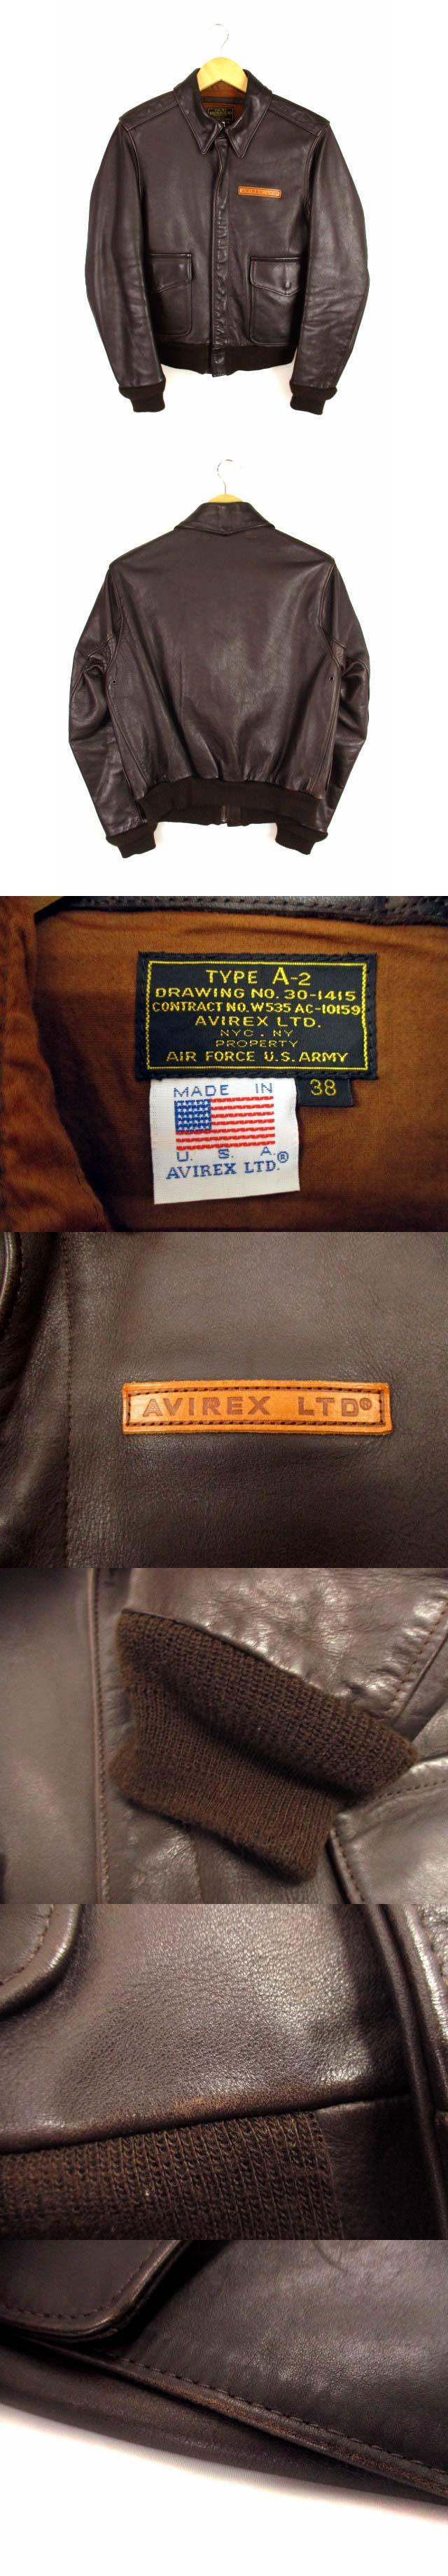 A-2 レザー フライトジャケット 革ジャン ブルゾン 牛革 ジップアップ 2191000 米国製 USA製 ブラウン 茶 サイズ38